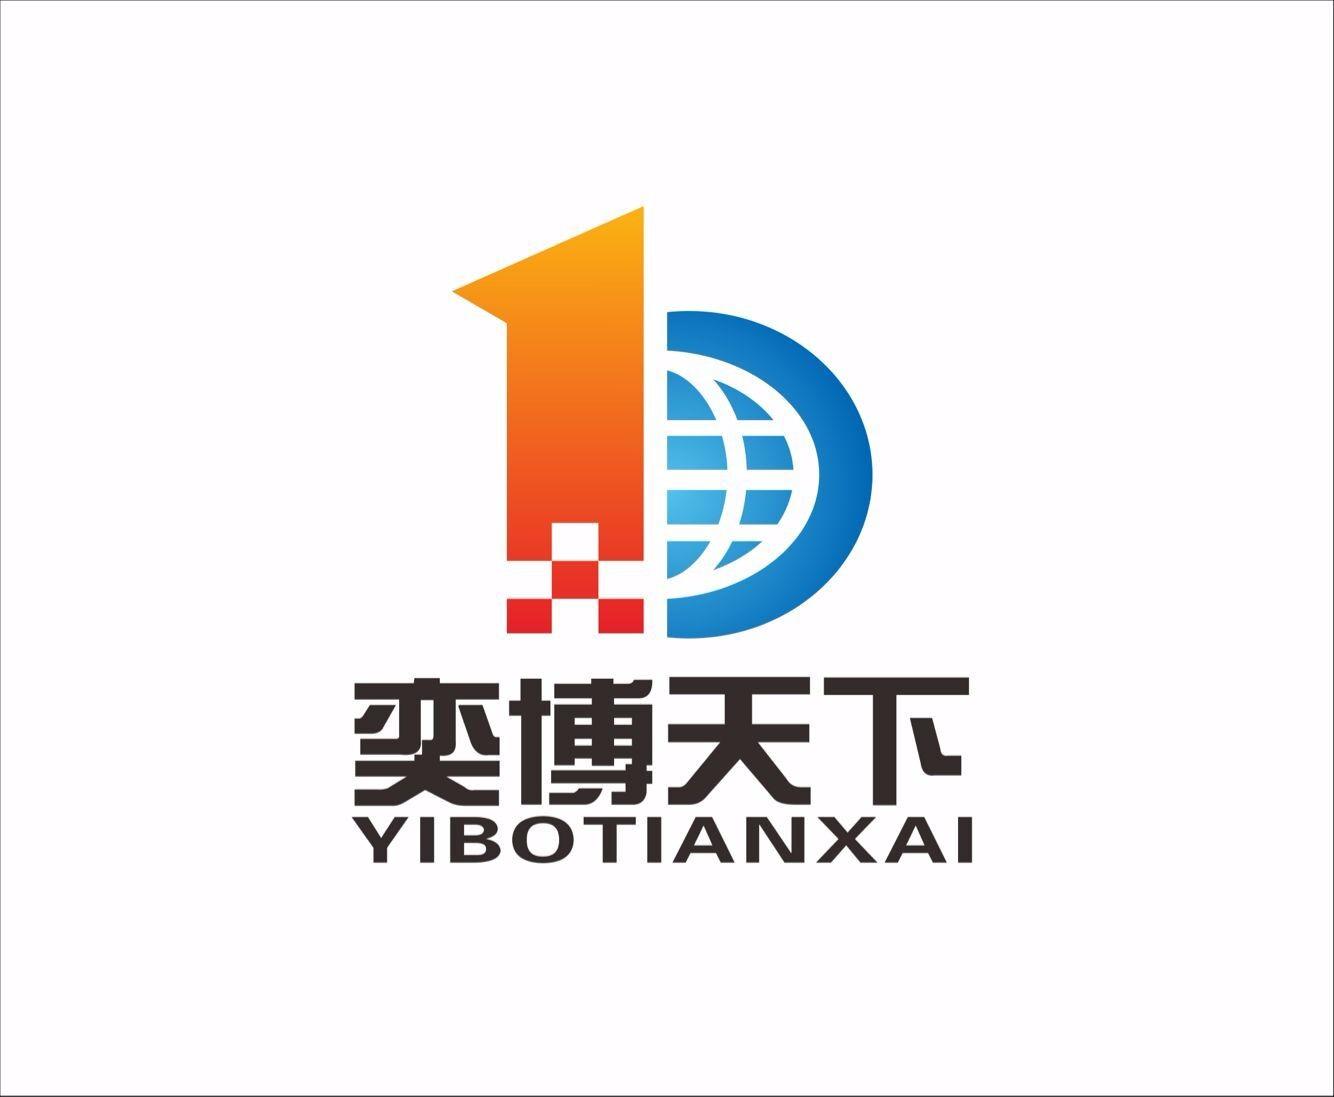 投资顾问_武汉奕博天下电子商务有限公司招聘